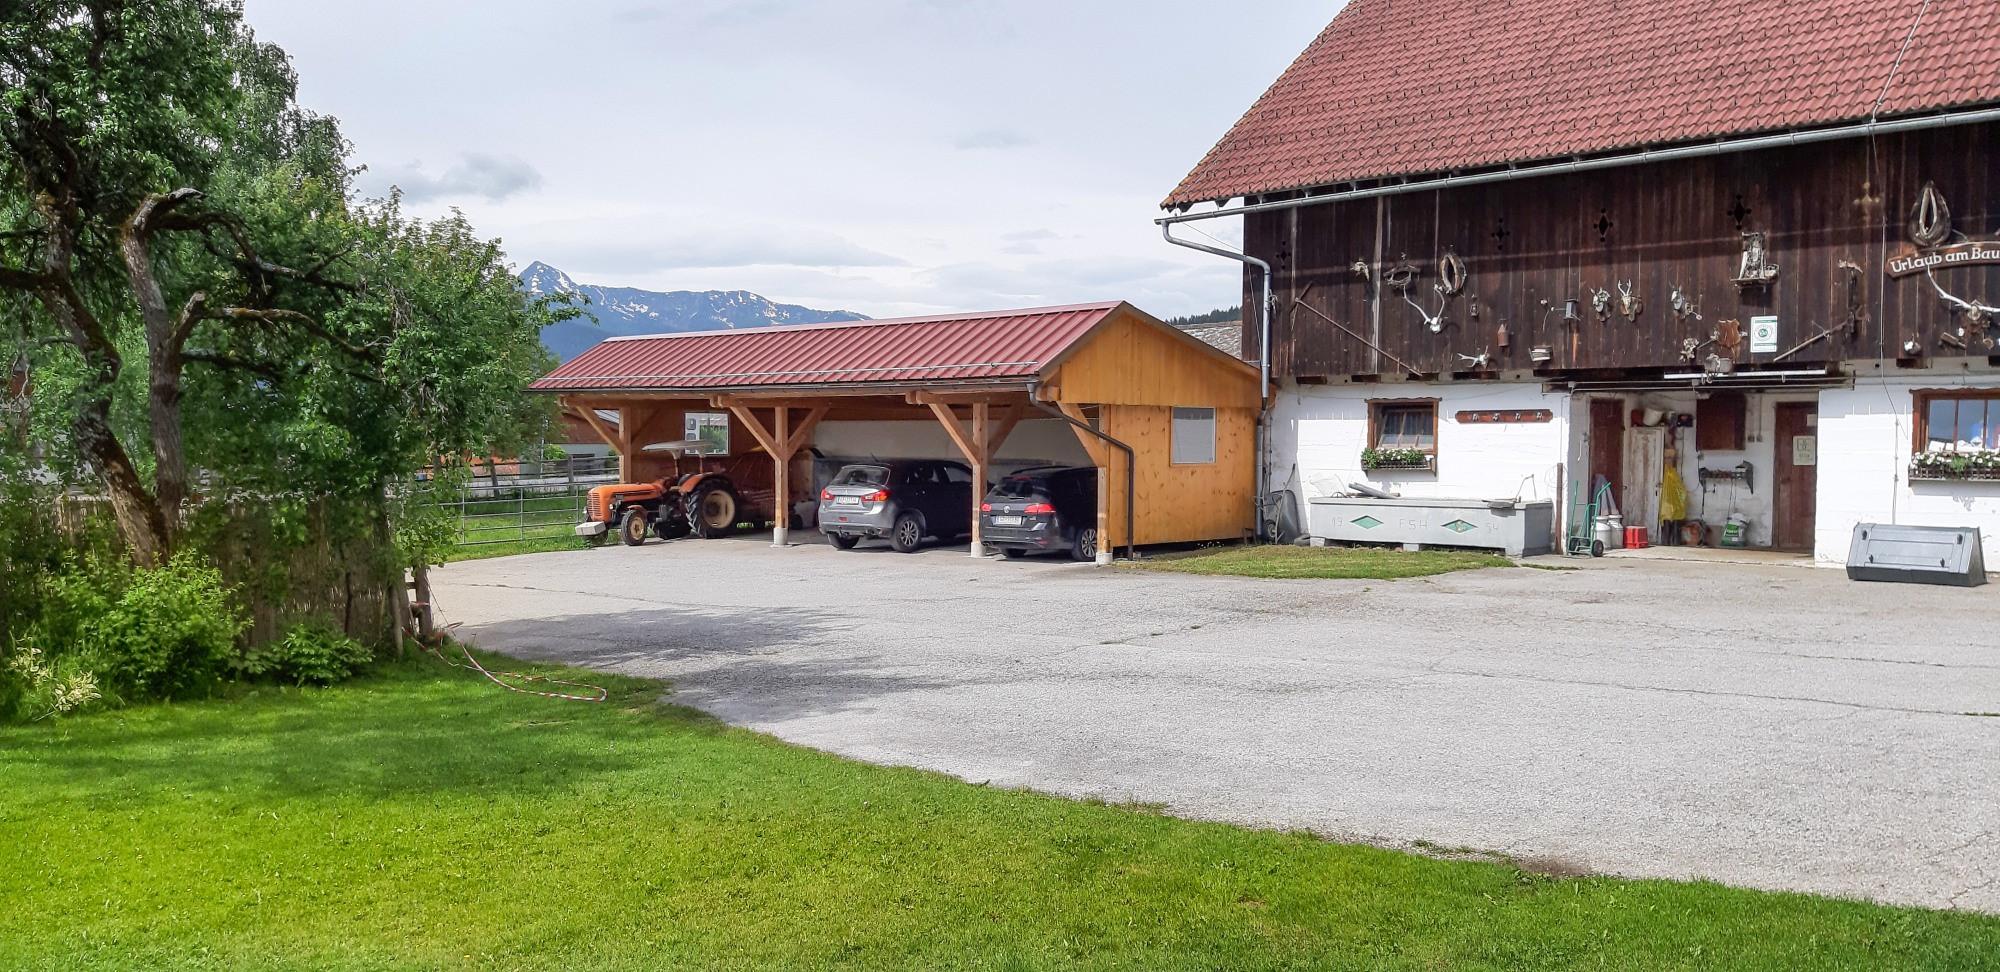 Parkplatz Carport Hof.jpg